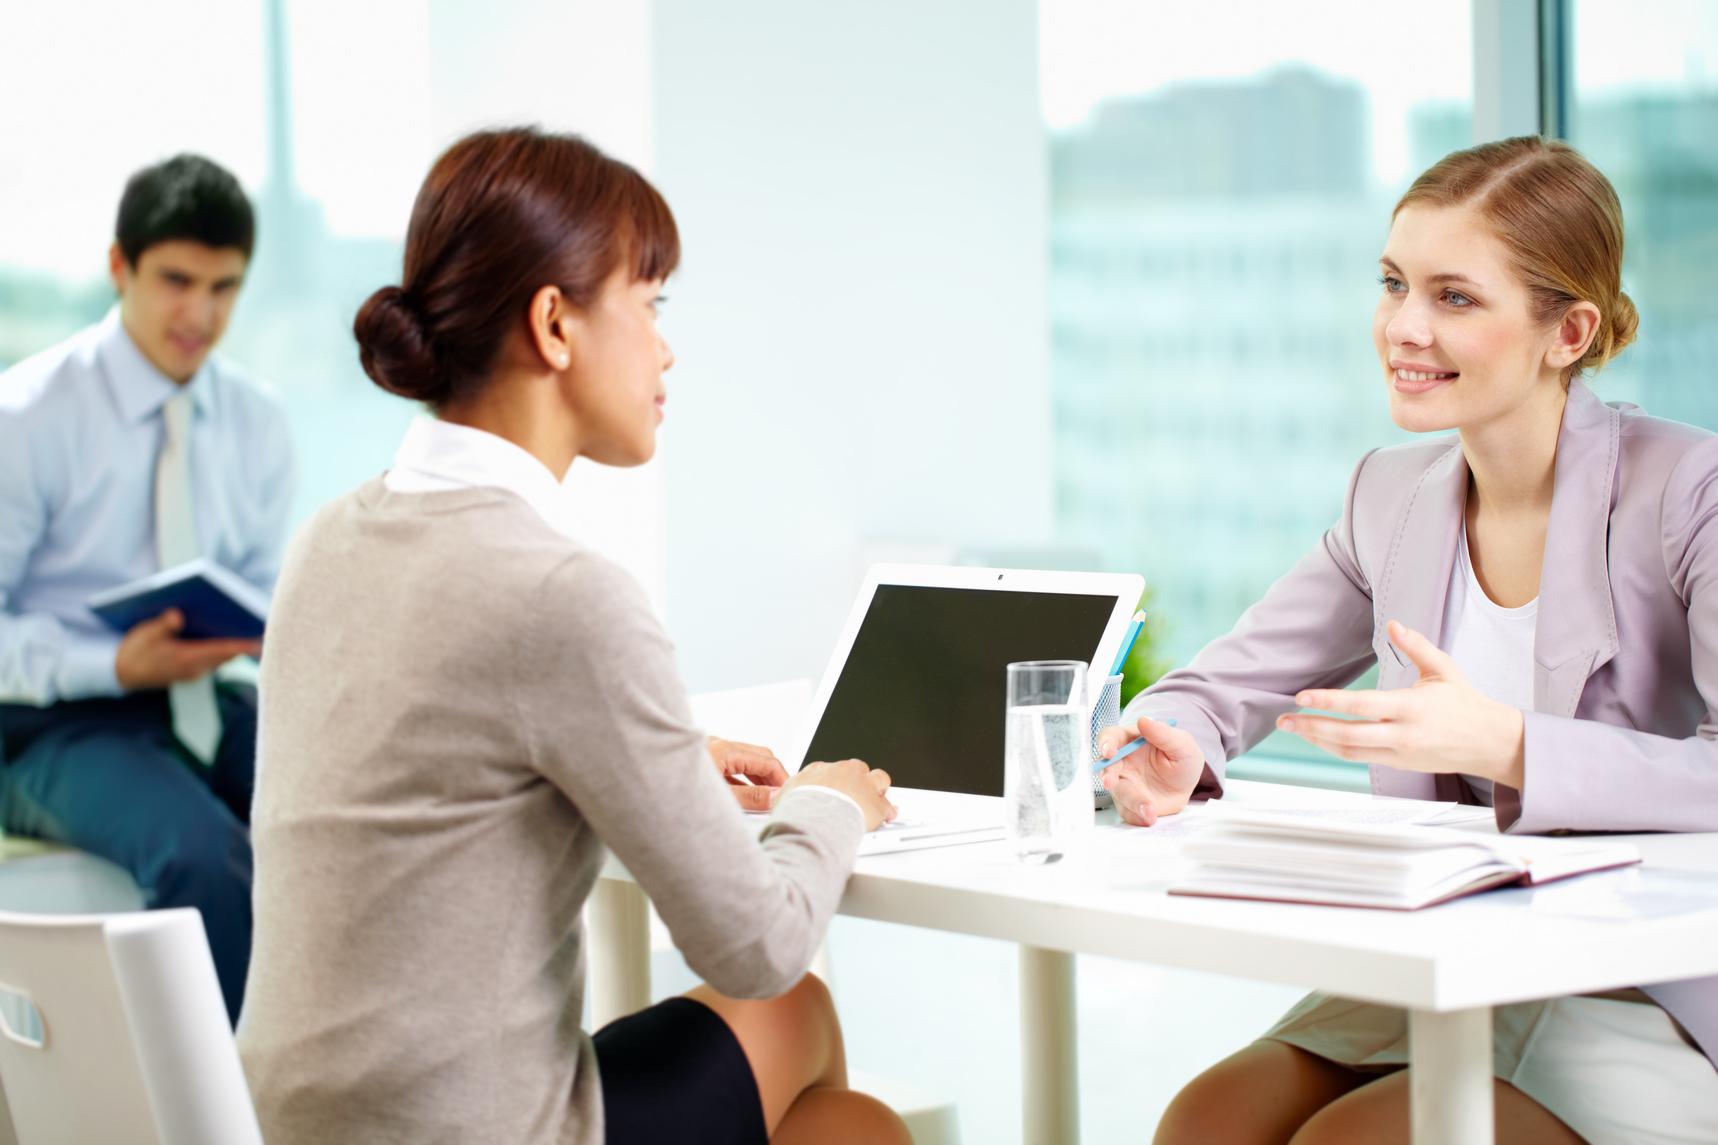 ¿Quieres tener hijos? y otras preguntas con las que las empresas discriminan a las mujeres